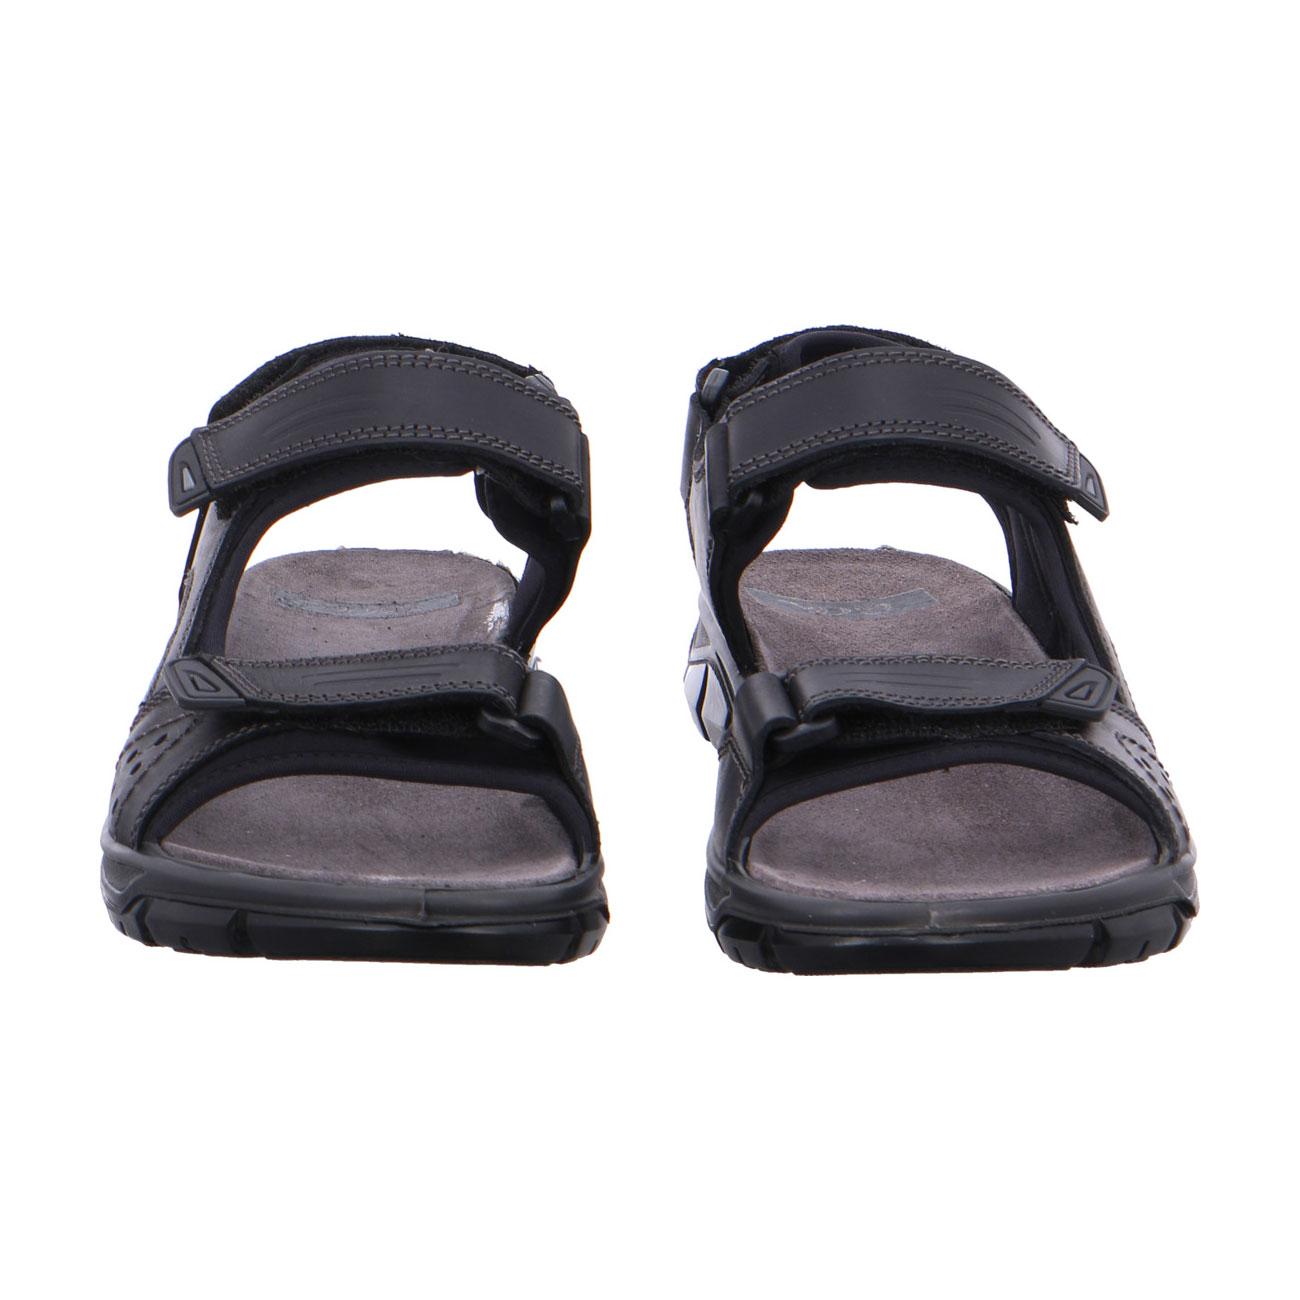 Мъжки спортни кожени сандали ara 11-38026-01 черни - снимка 6